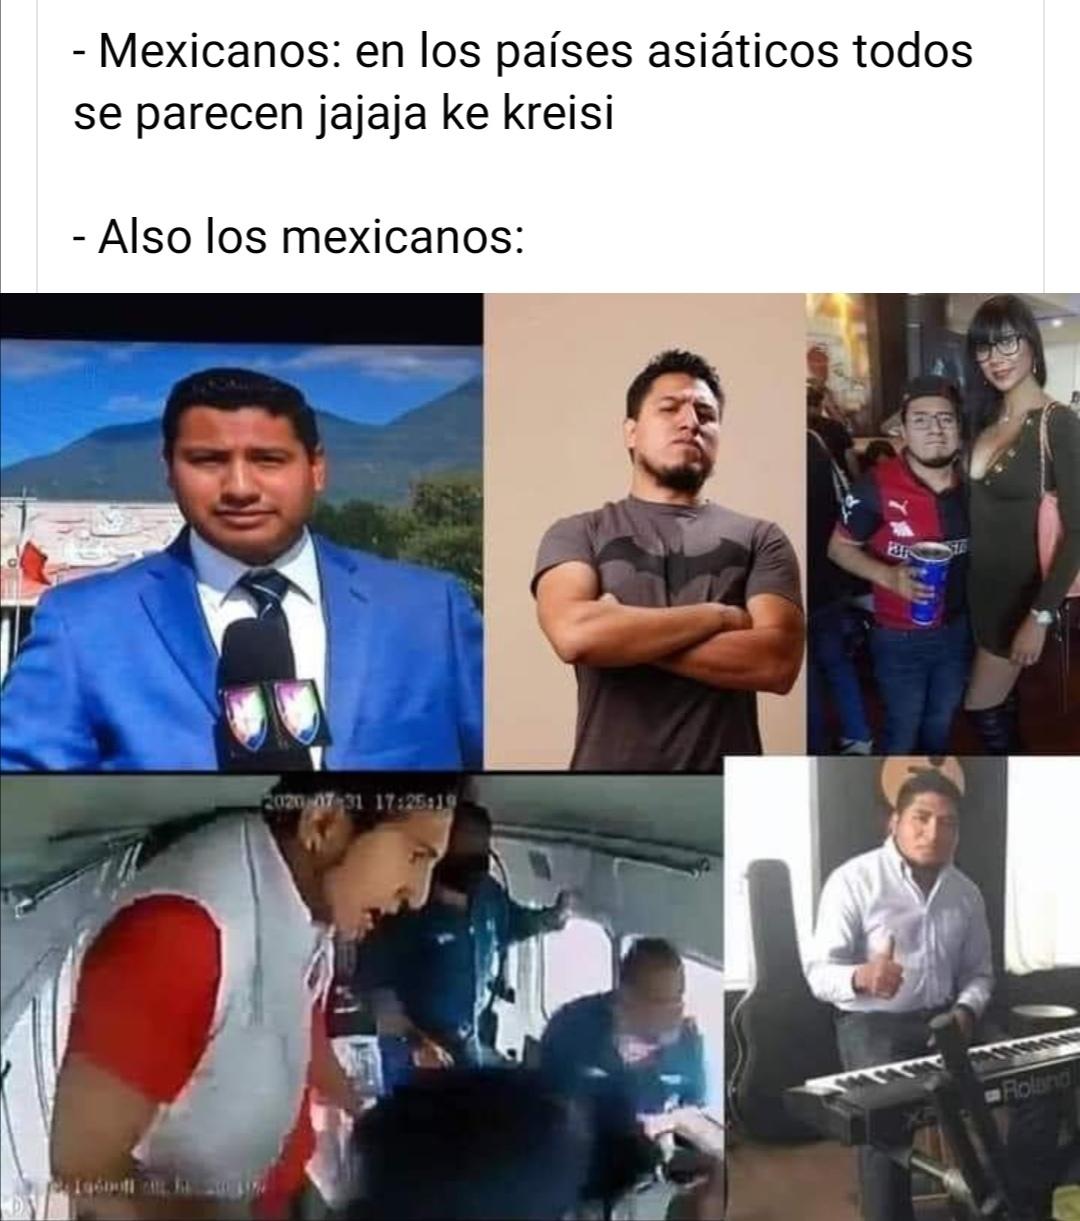 Mexicanos - meme